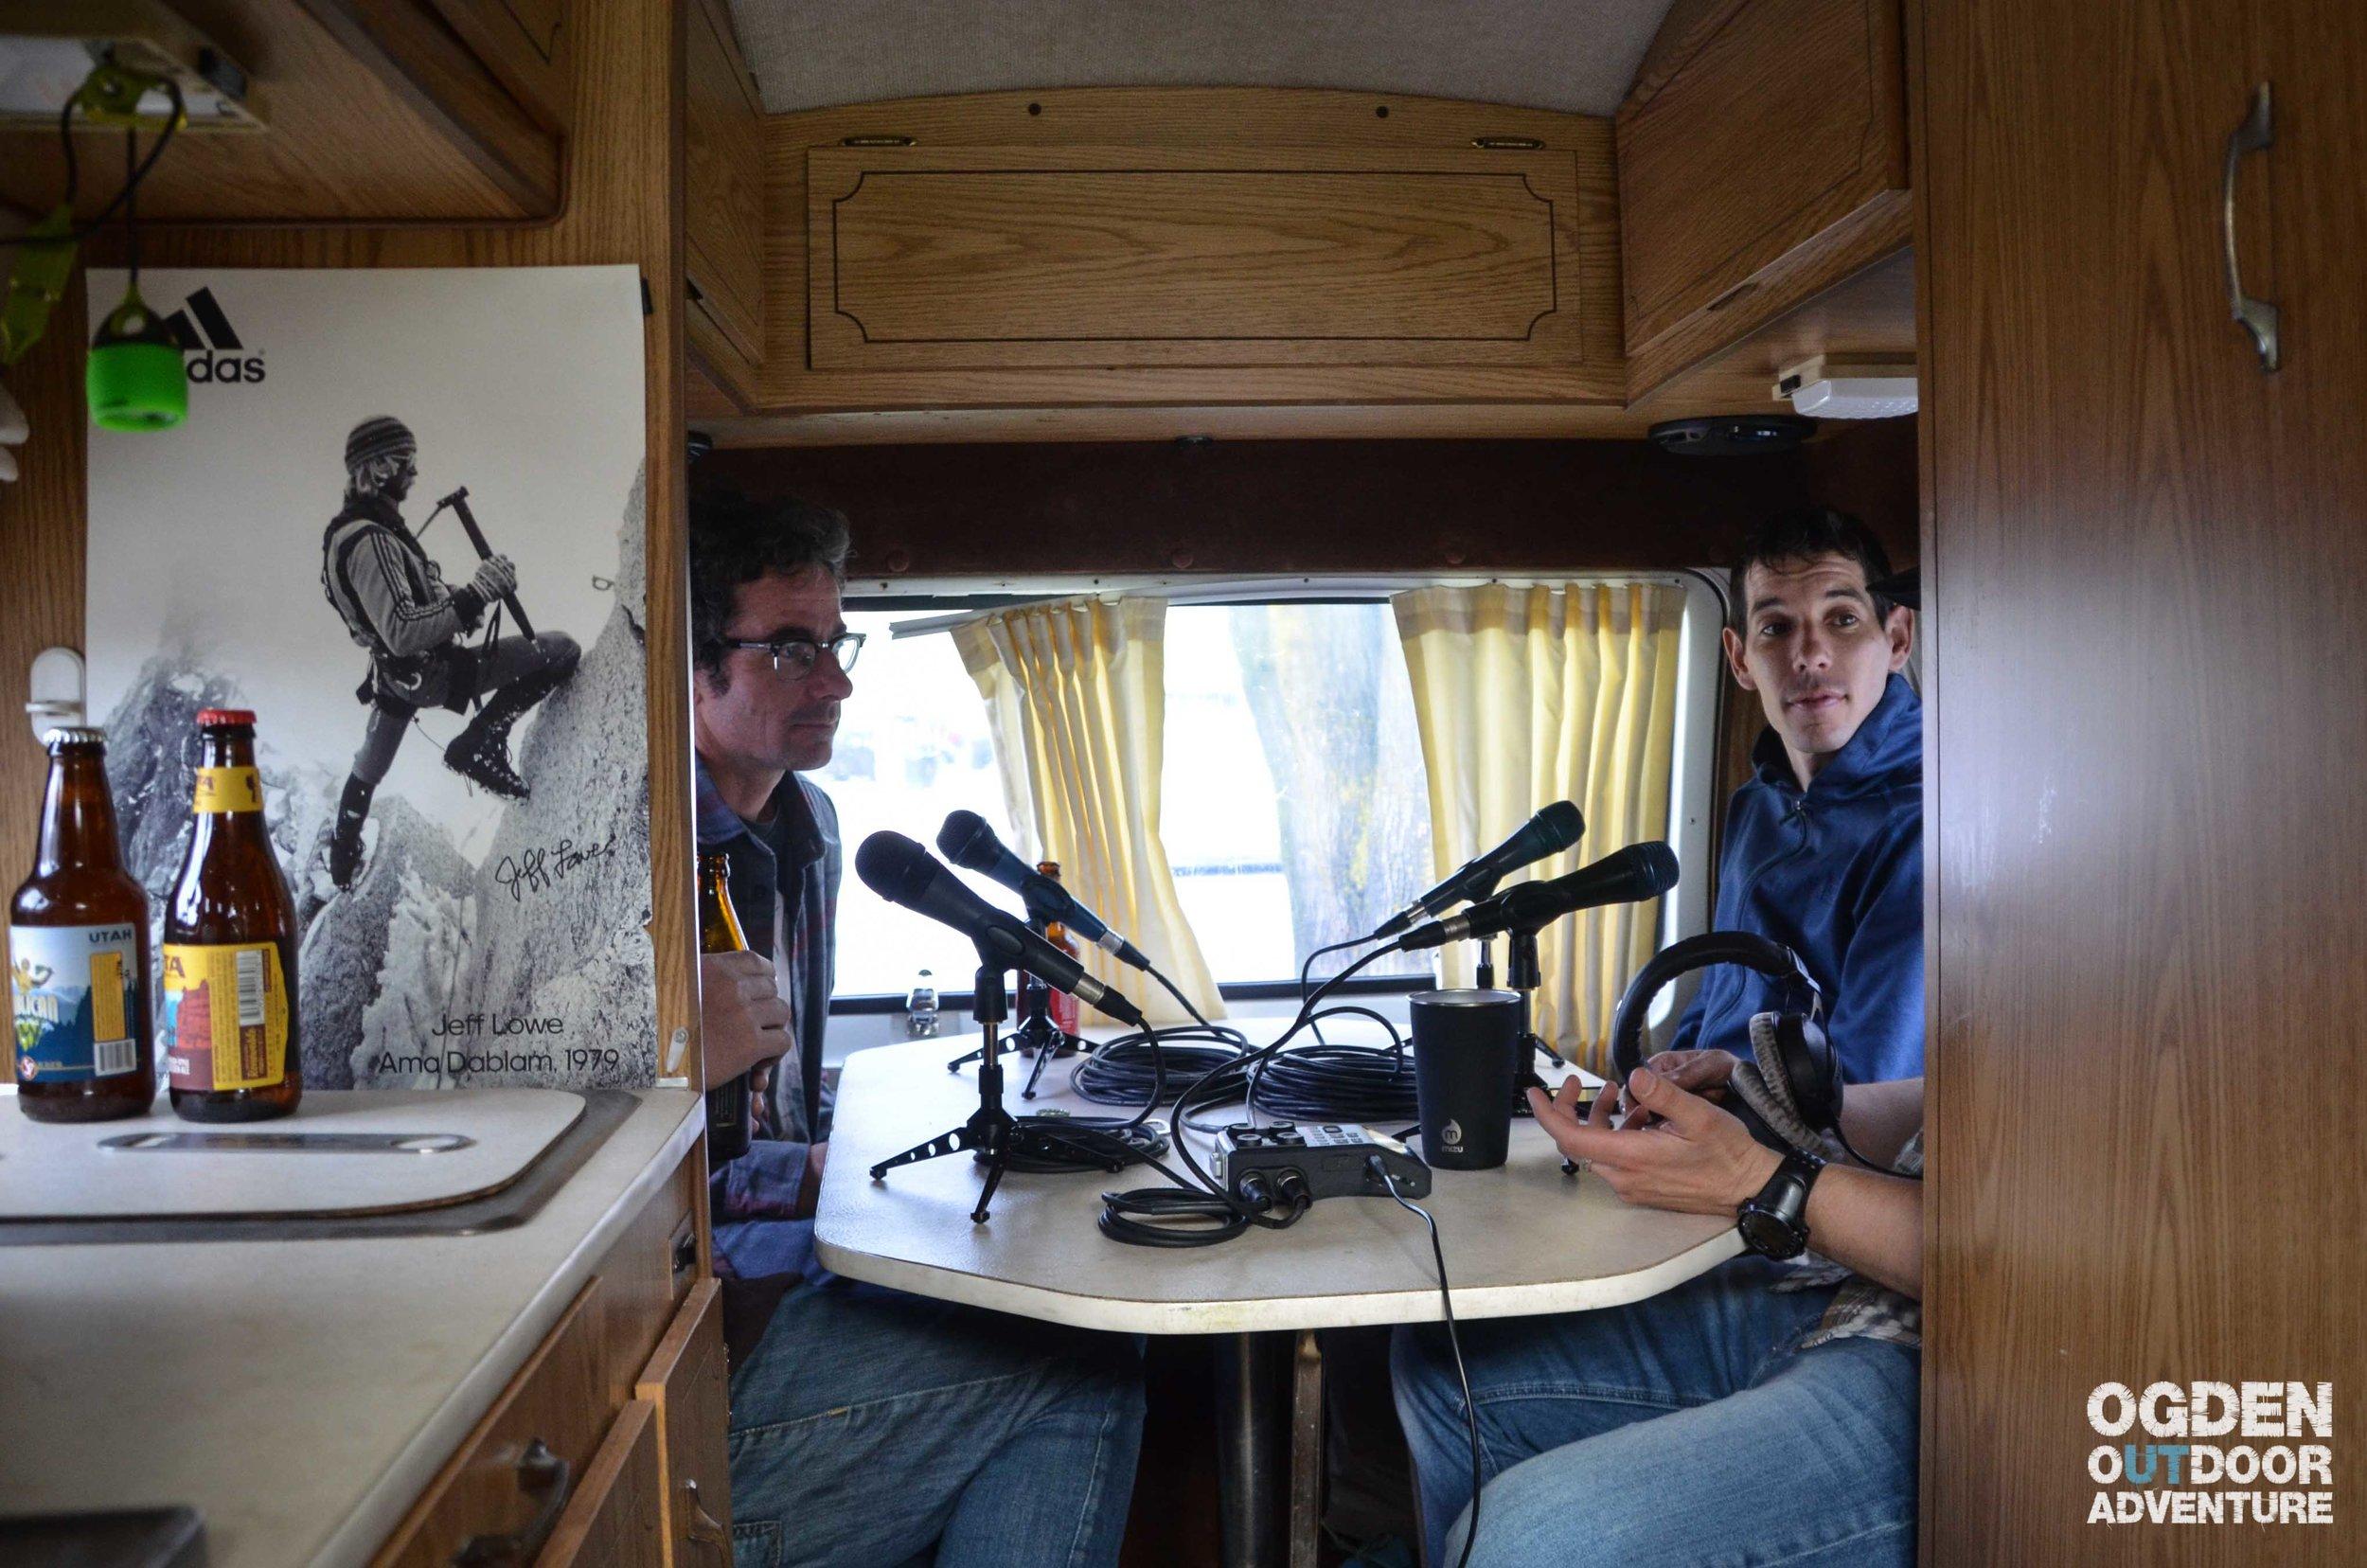 Ogden Outdoor Adventure Show Alex Honnold & Cedar Wright Interview-1.jpg